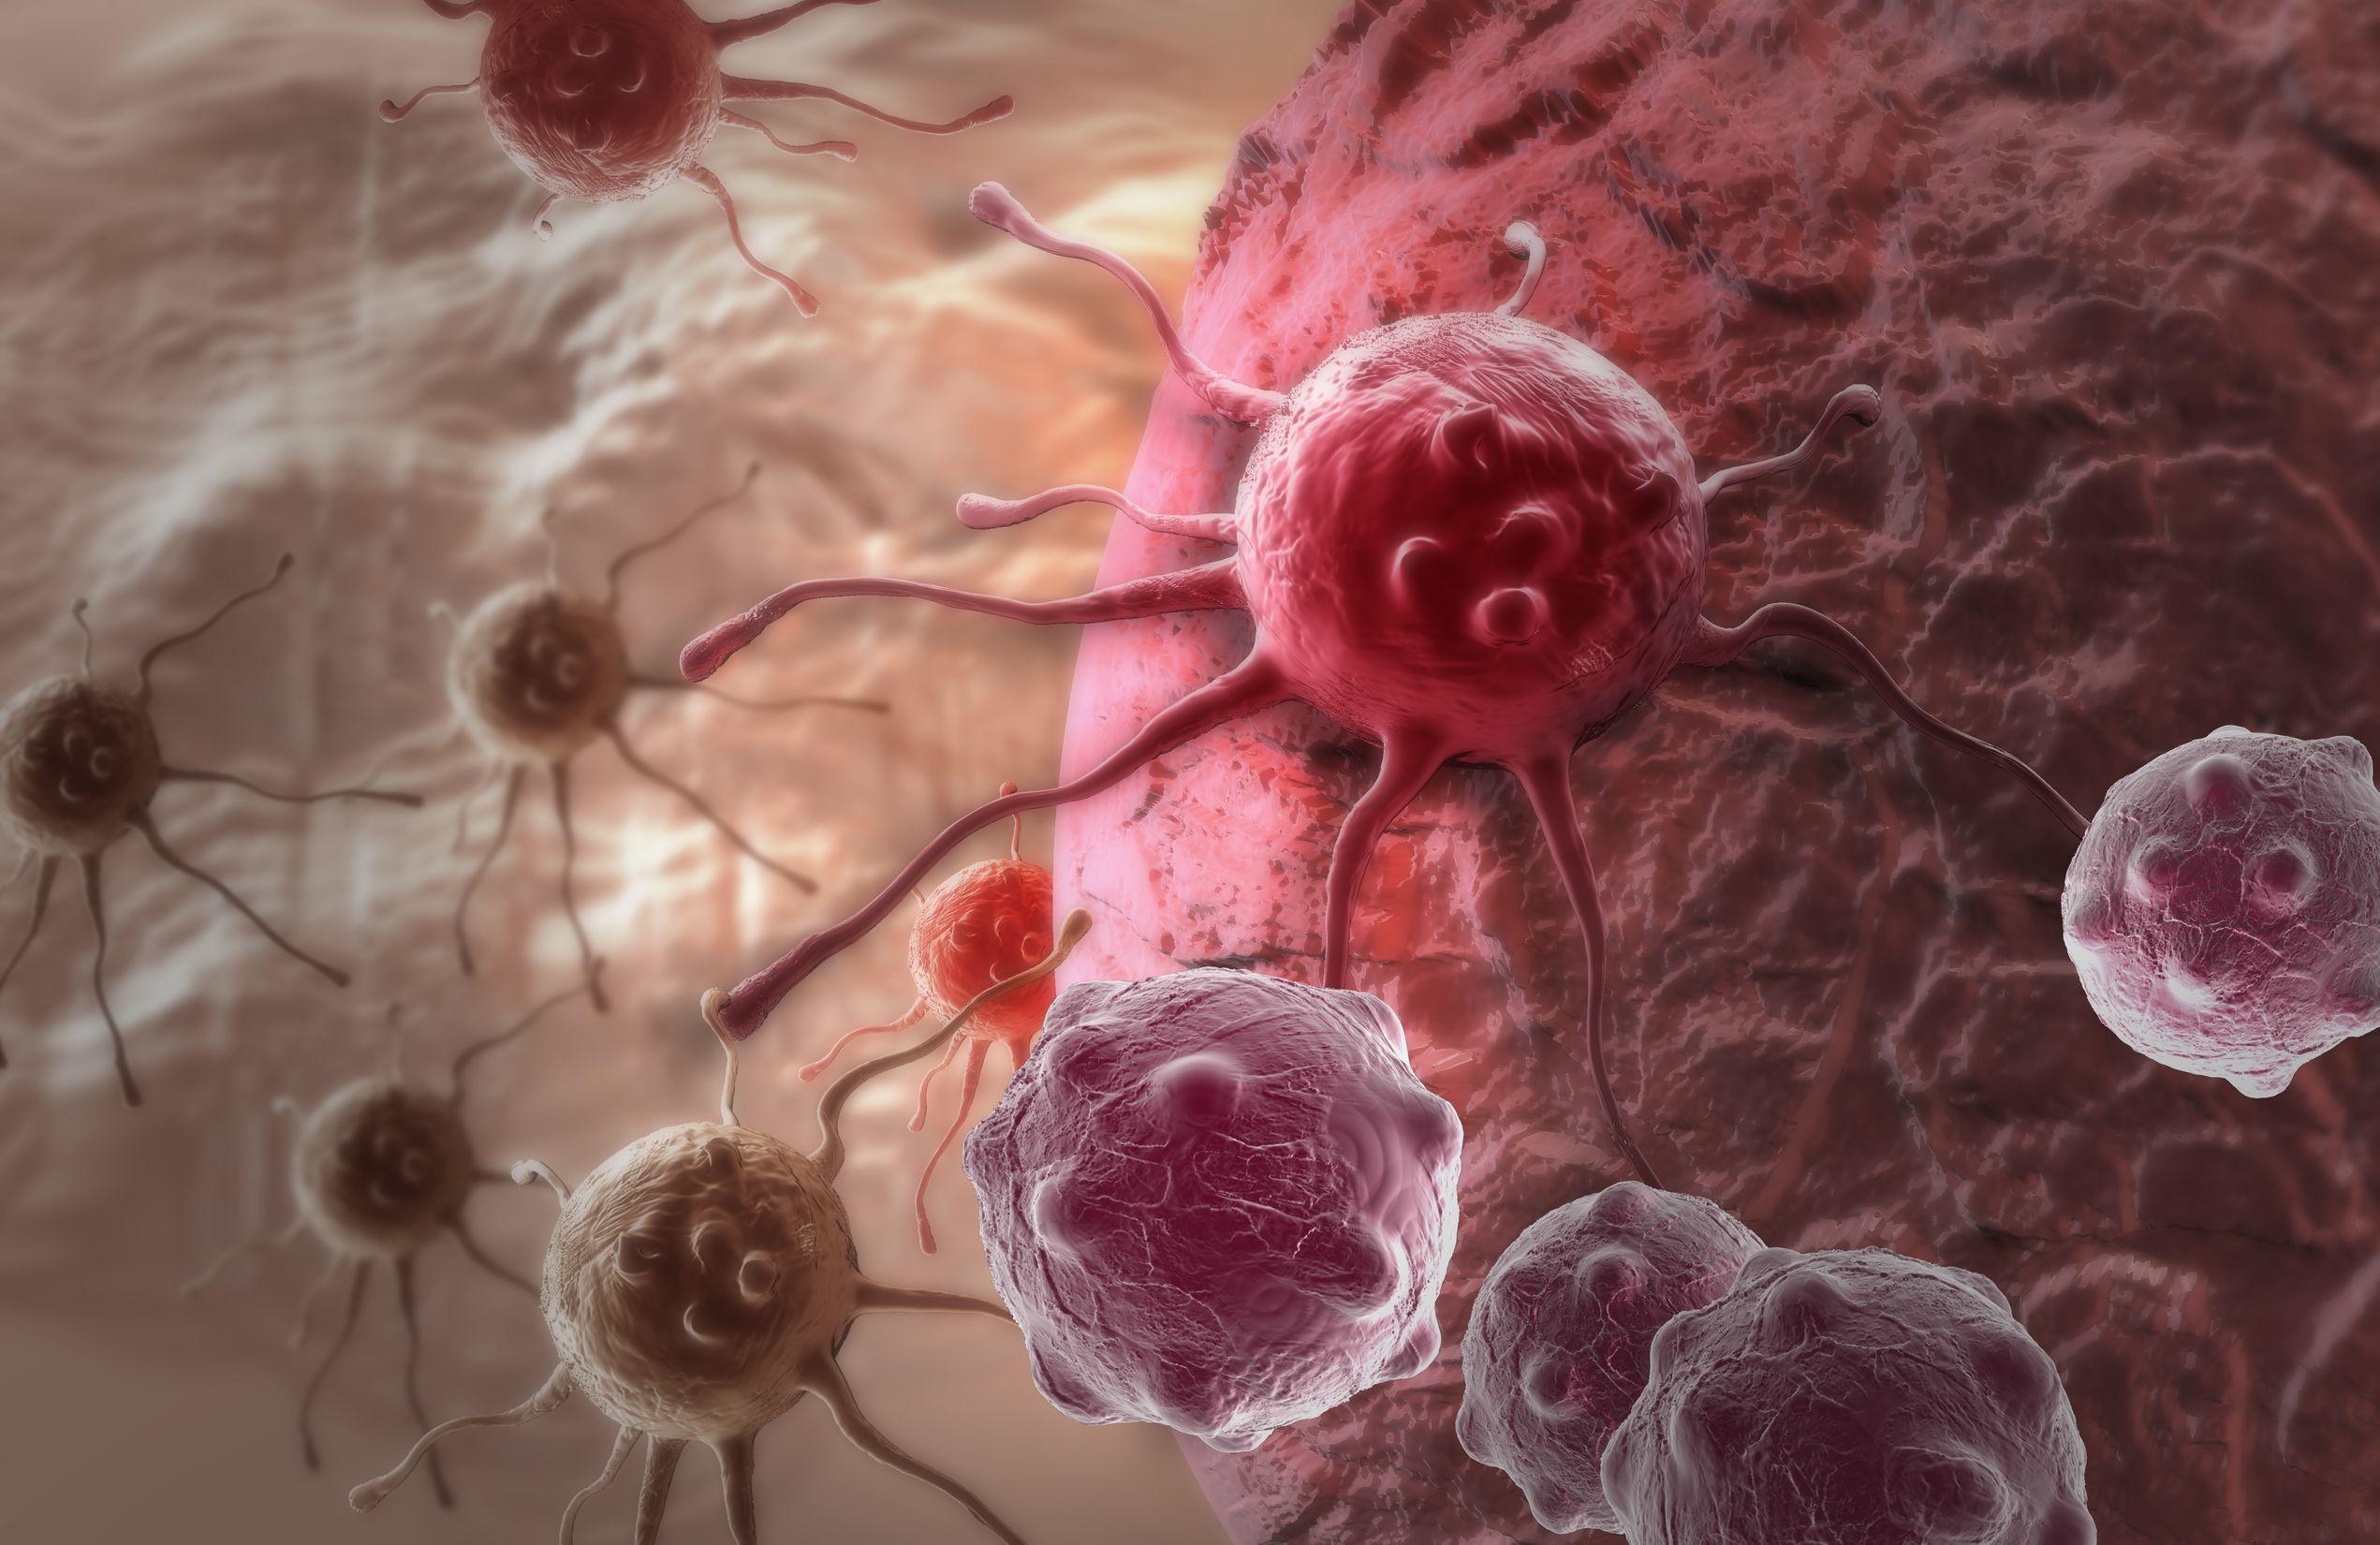 semana lucha contra el cáncer, la prevención es la clave,